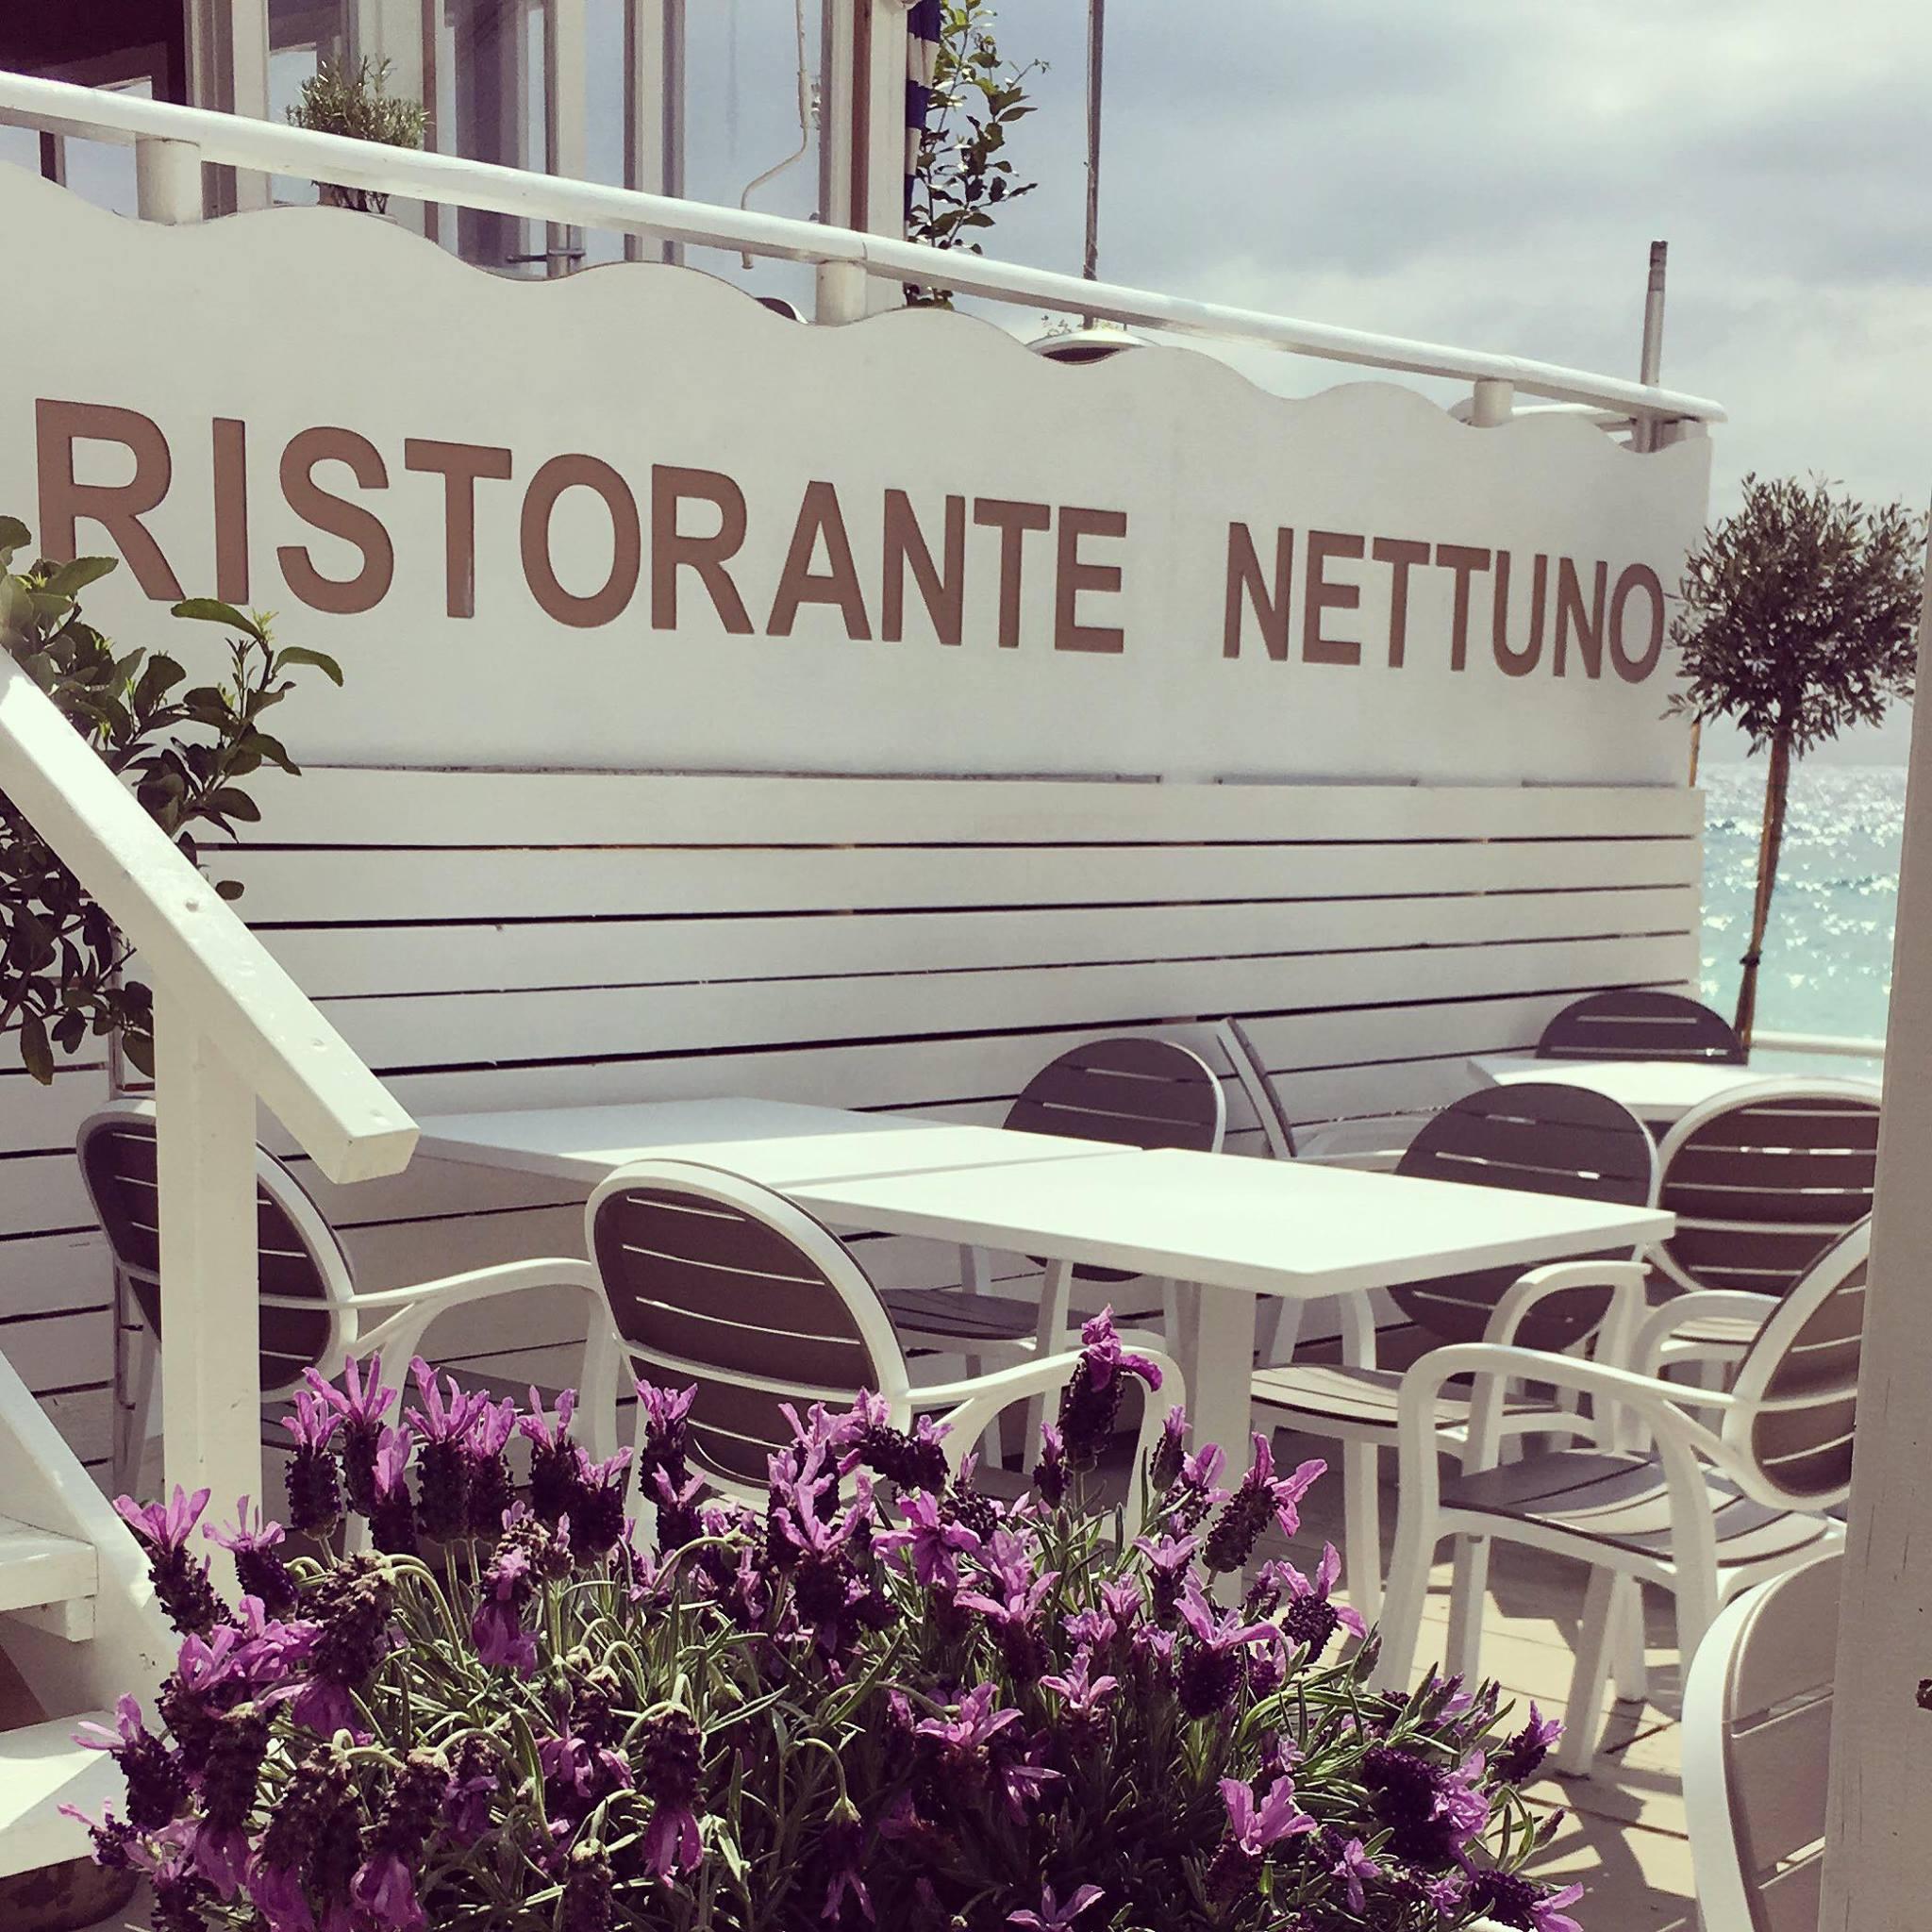 Bar Ristorante Nettuno